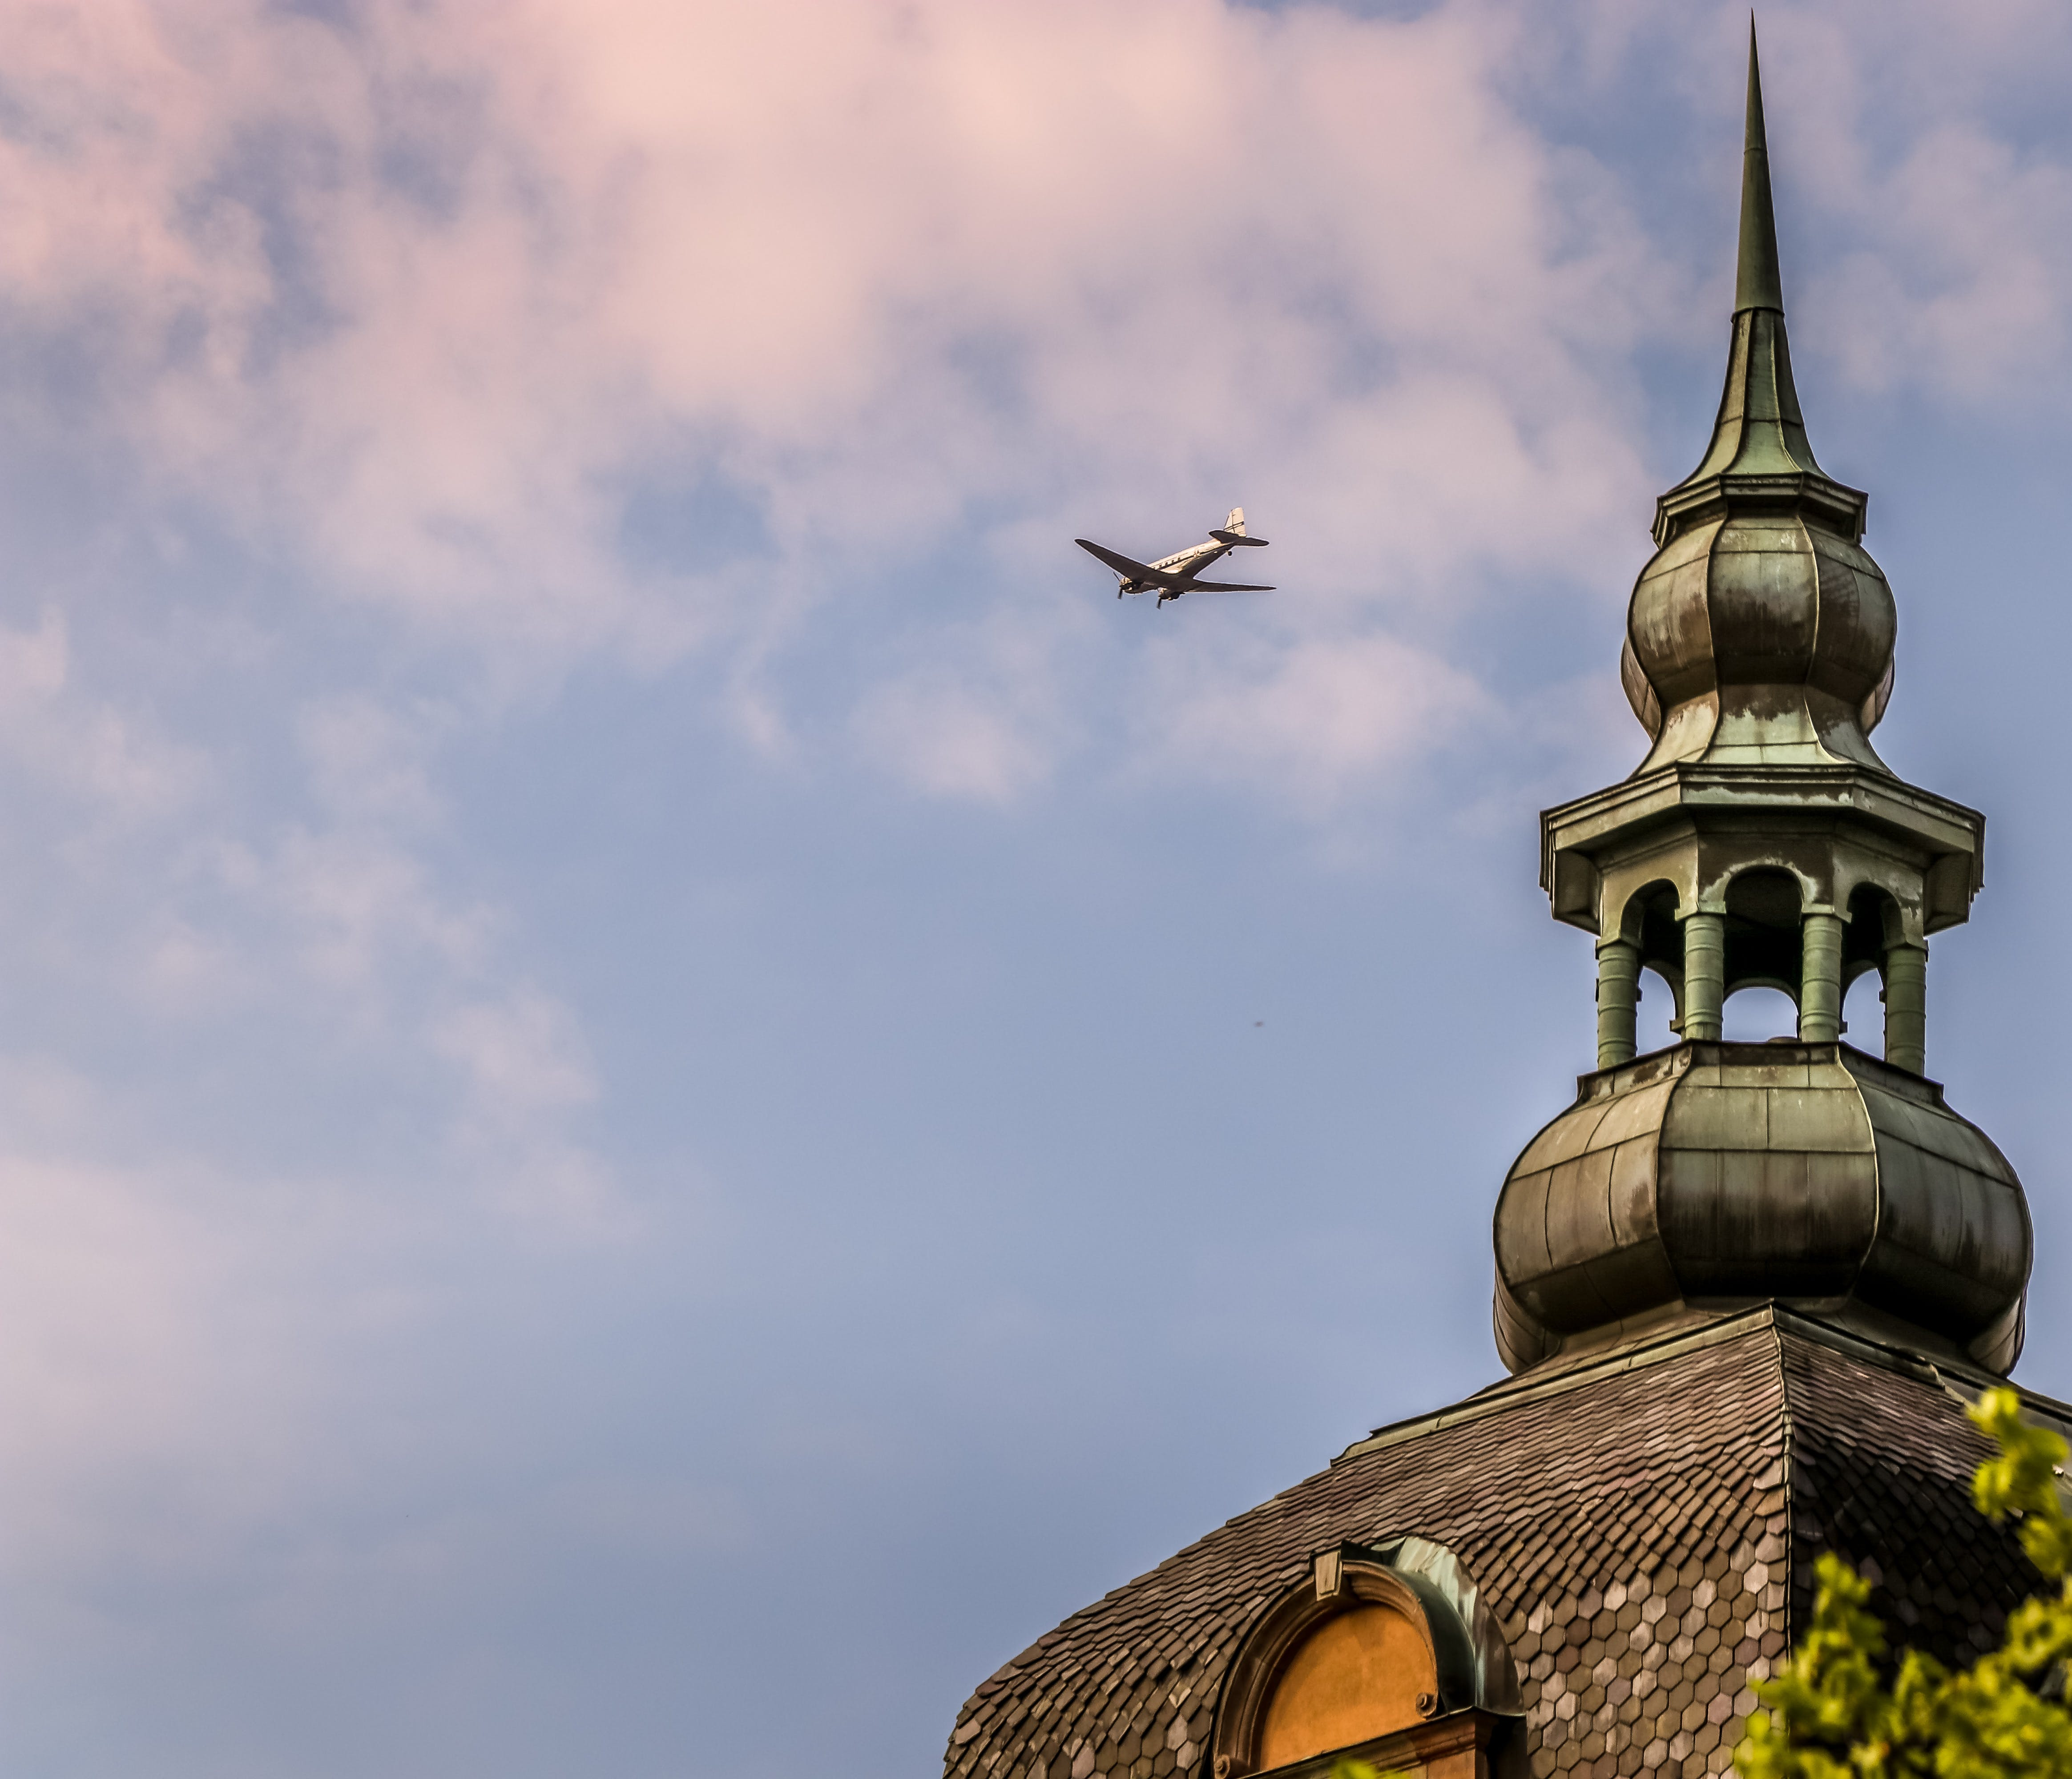 교회 건물, 구름, 무료 바탕화면, 비행기의 무료 스톡 사진